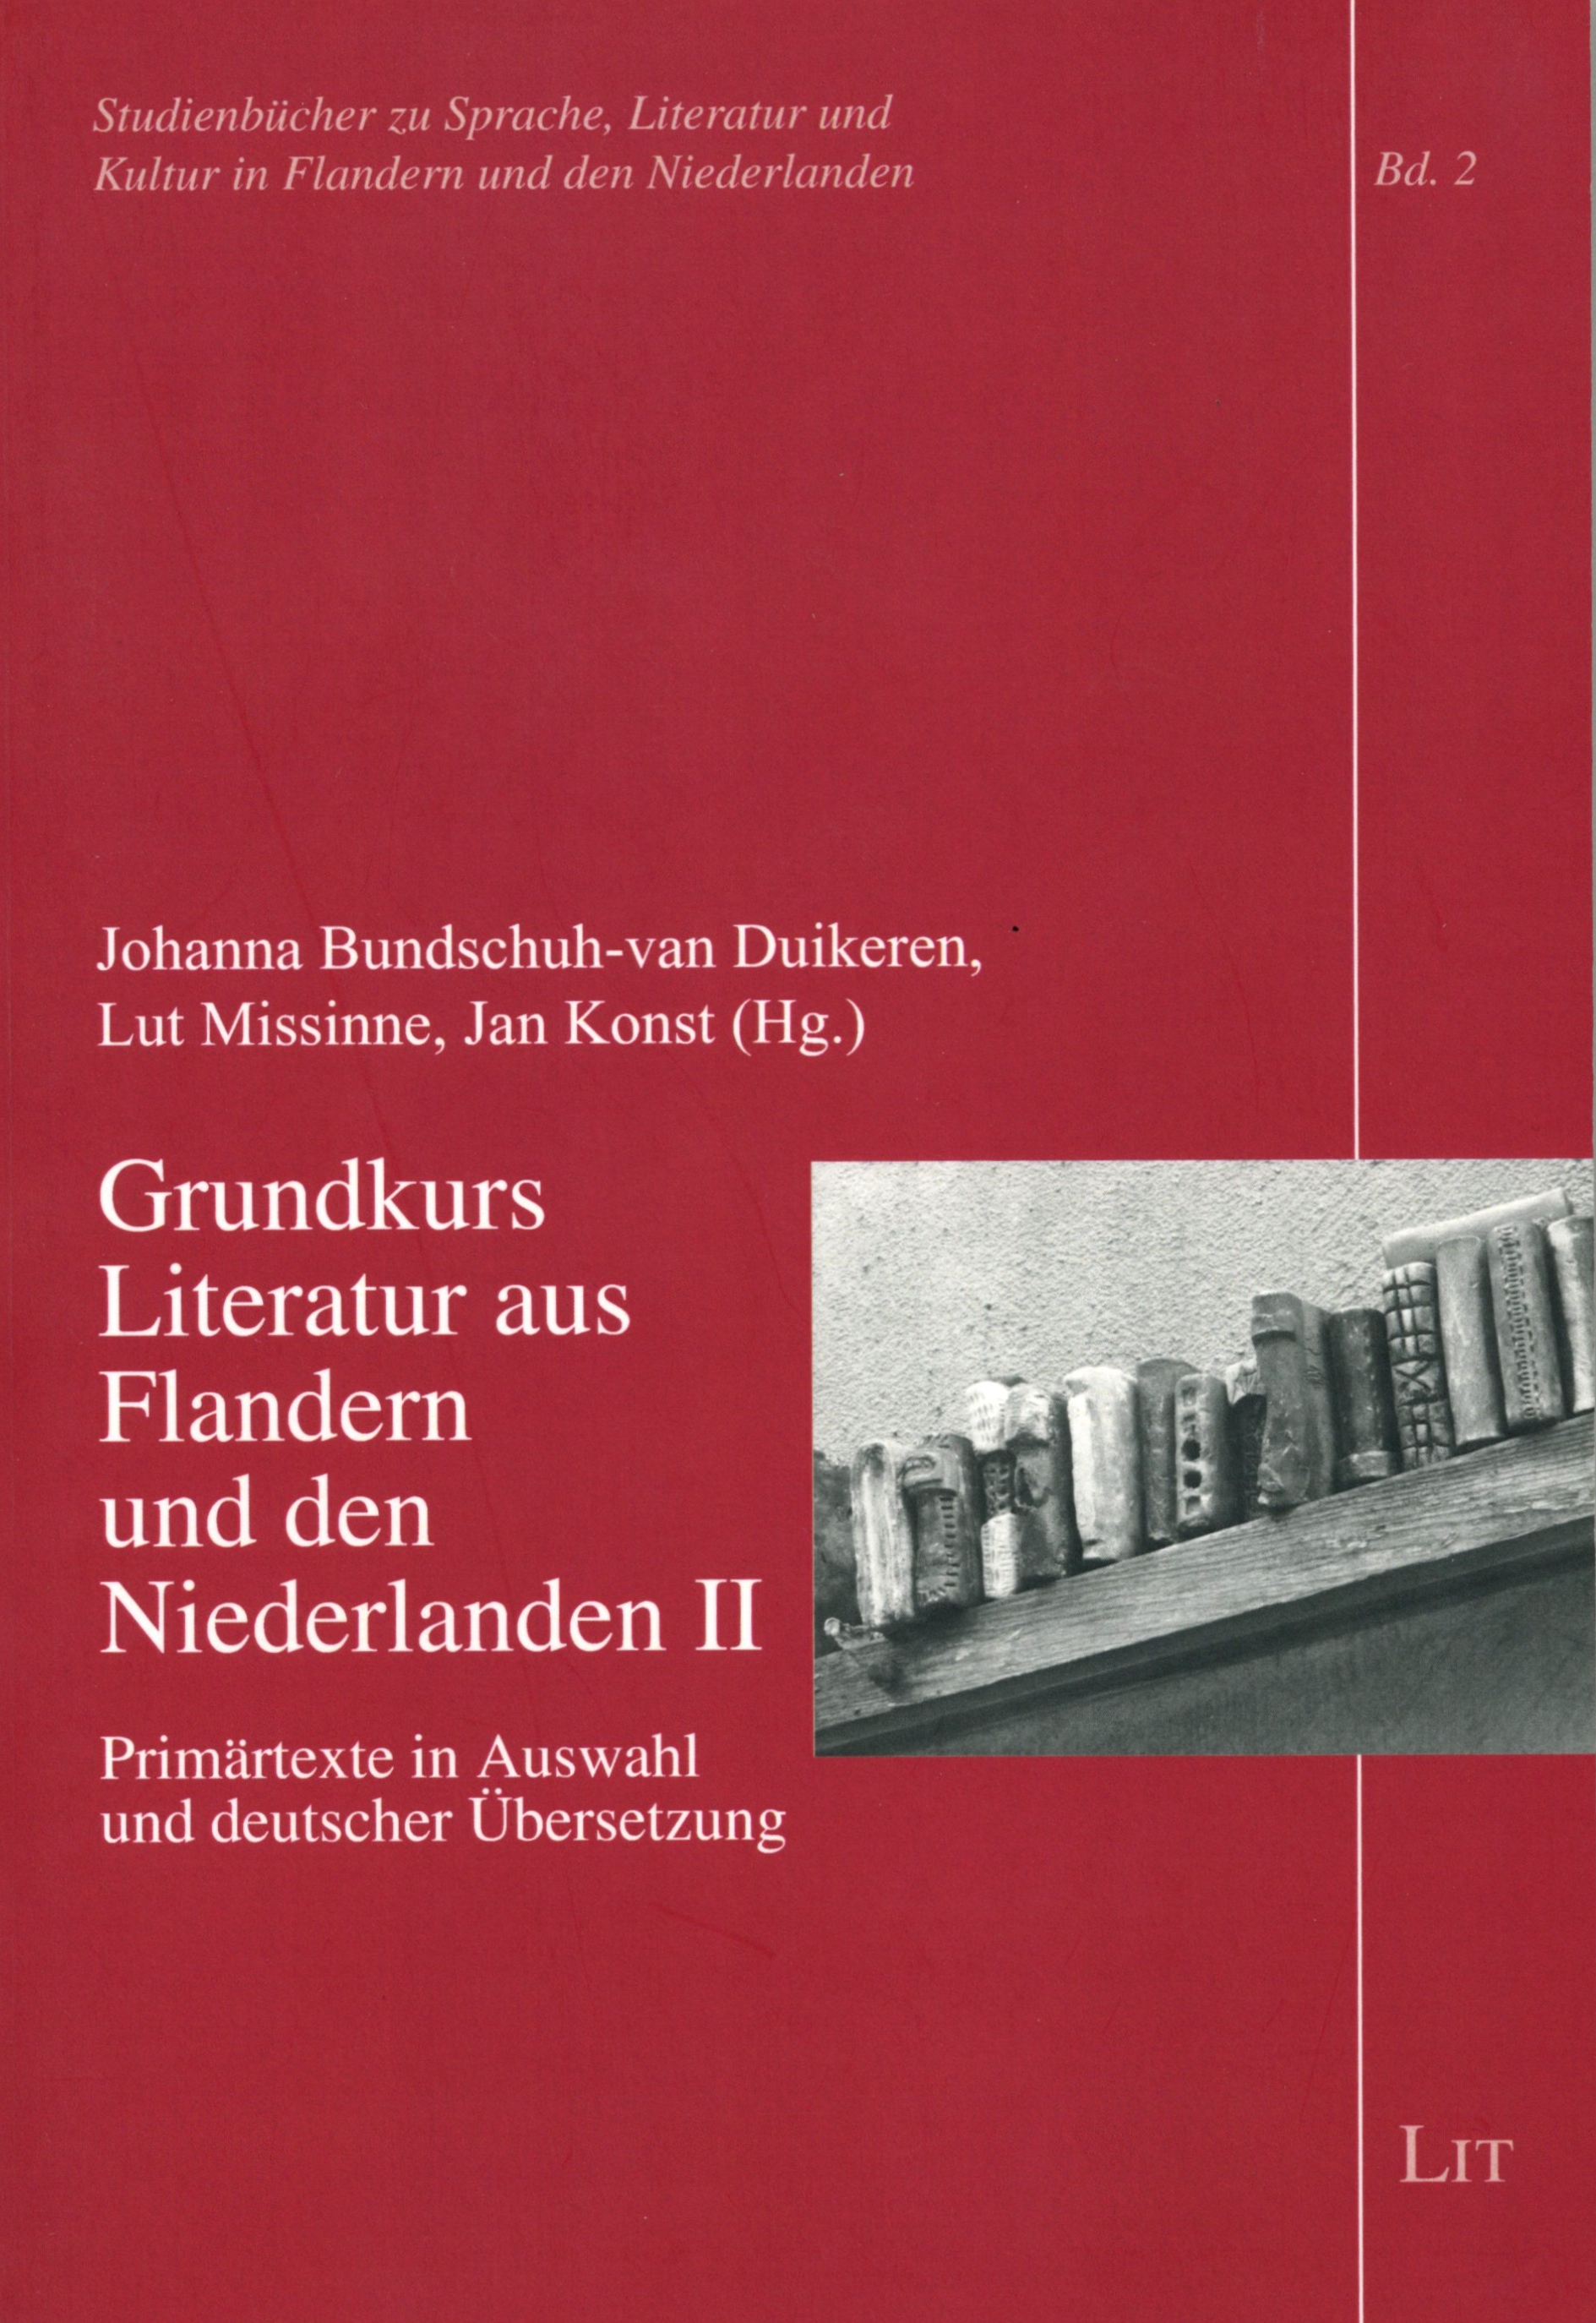 Grundkurs Literatur II